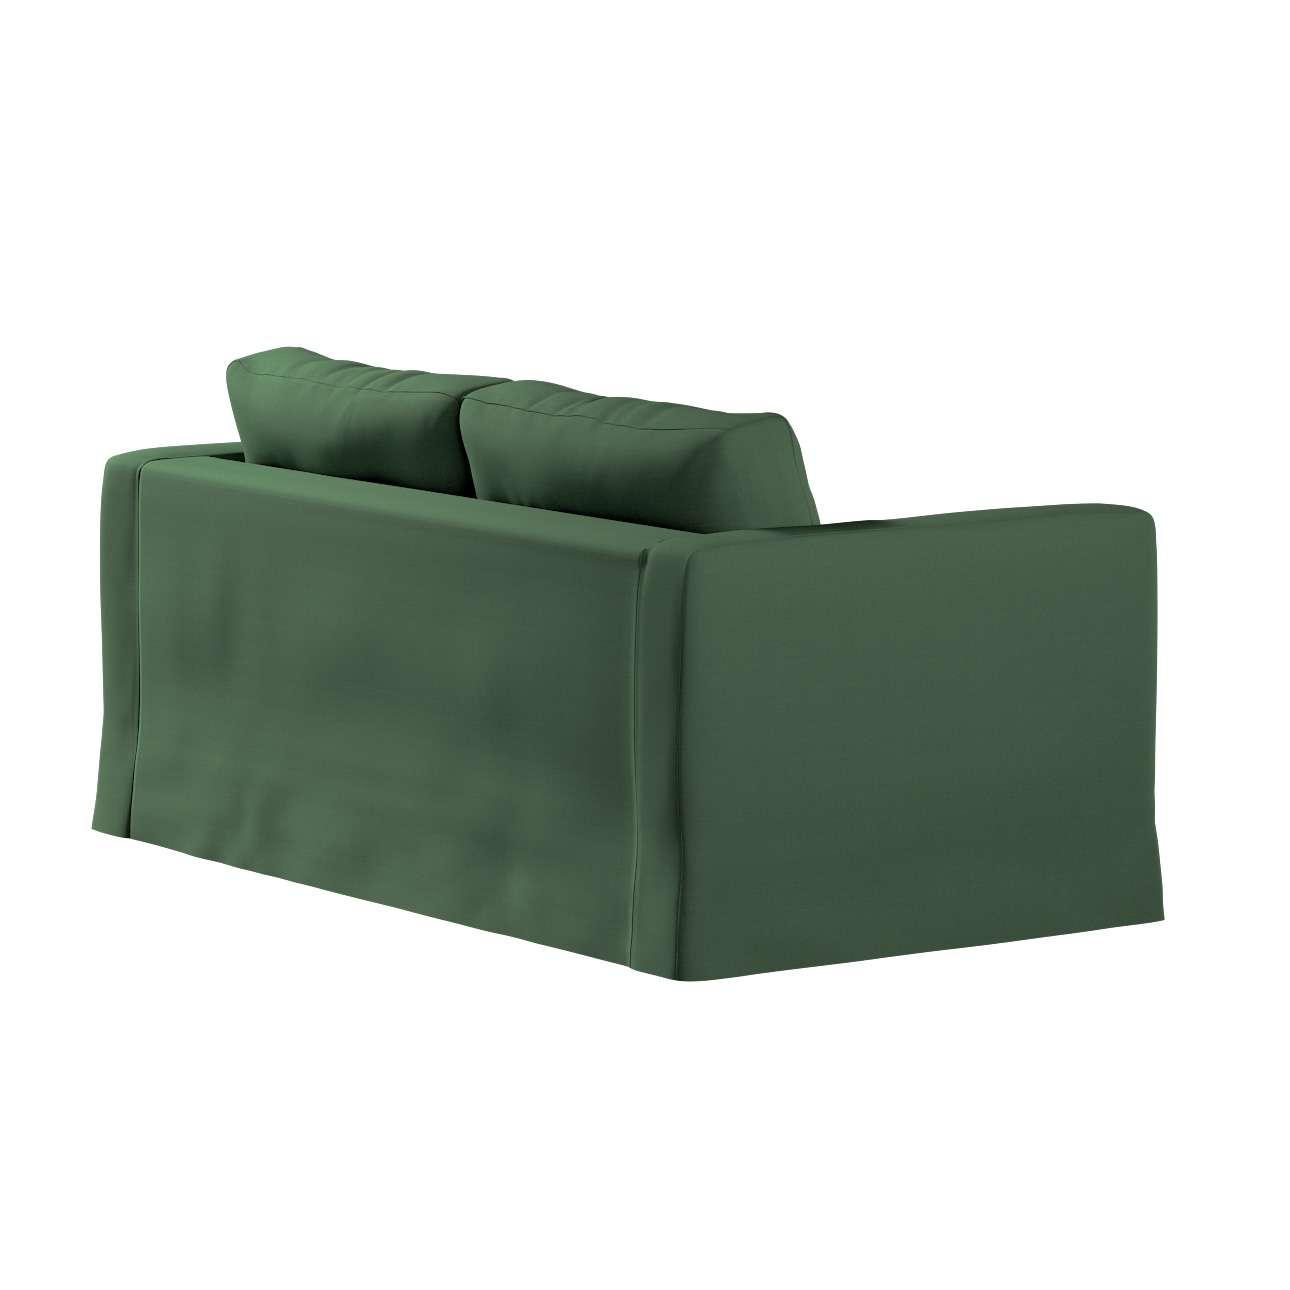 Pokrowiec na sofę Karlstad 2-osobową nierozkładaną długi w kolekcji Cotton Panama, tkanina: 702-06